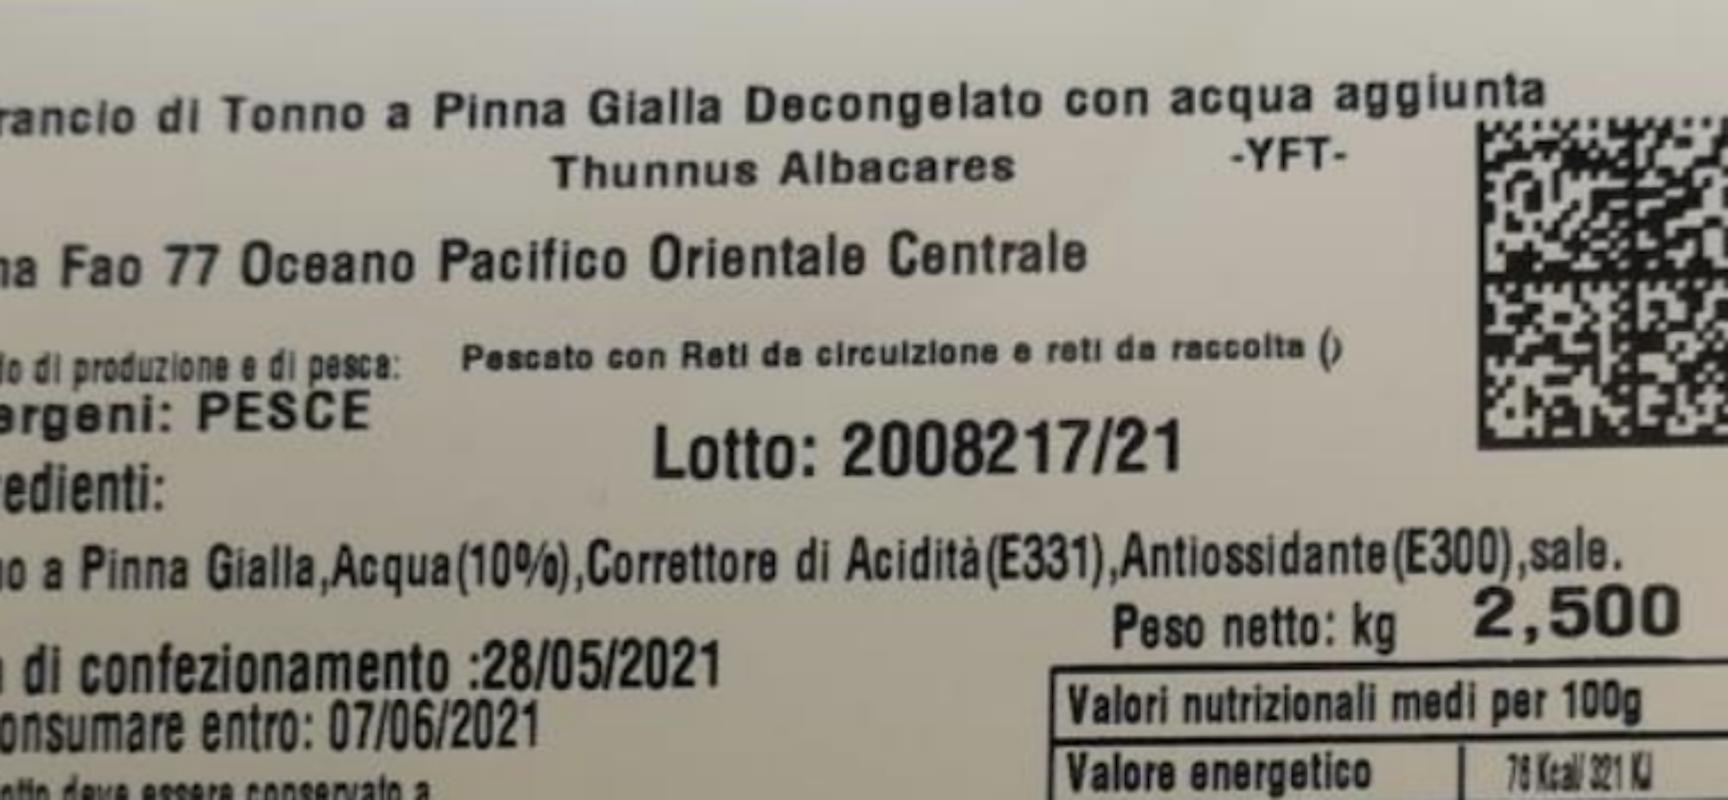 Ministero della Salute richiama lotto di tonno sottovuoto prodotto a Bisceglie